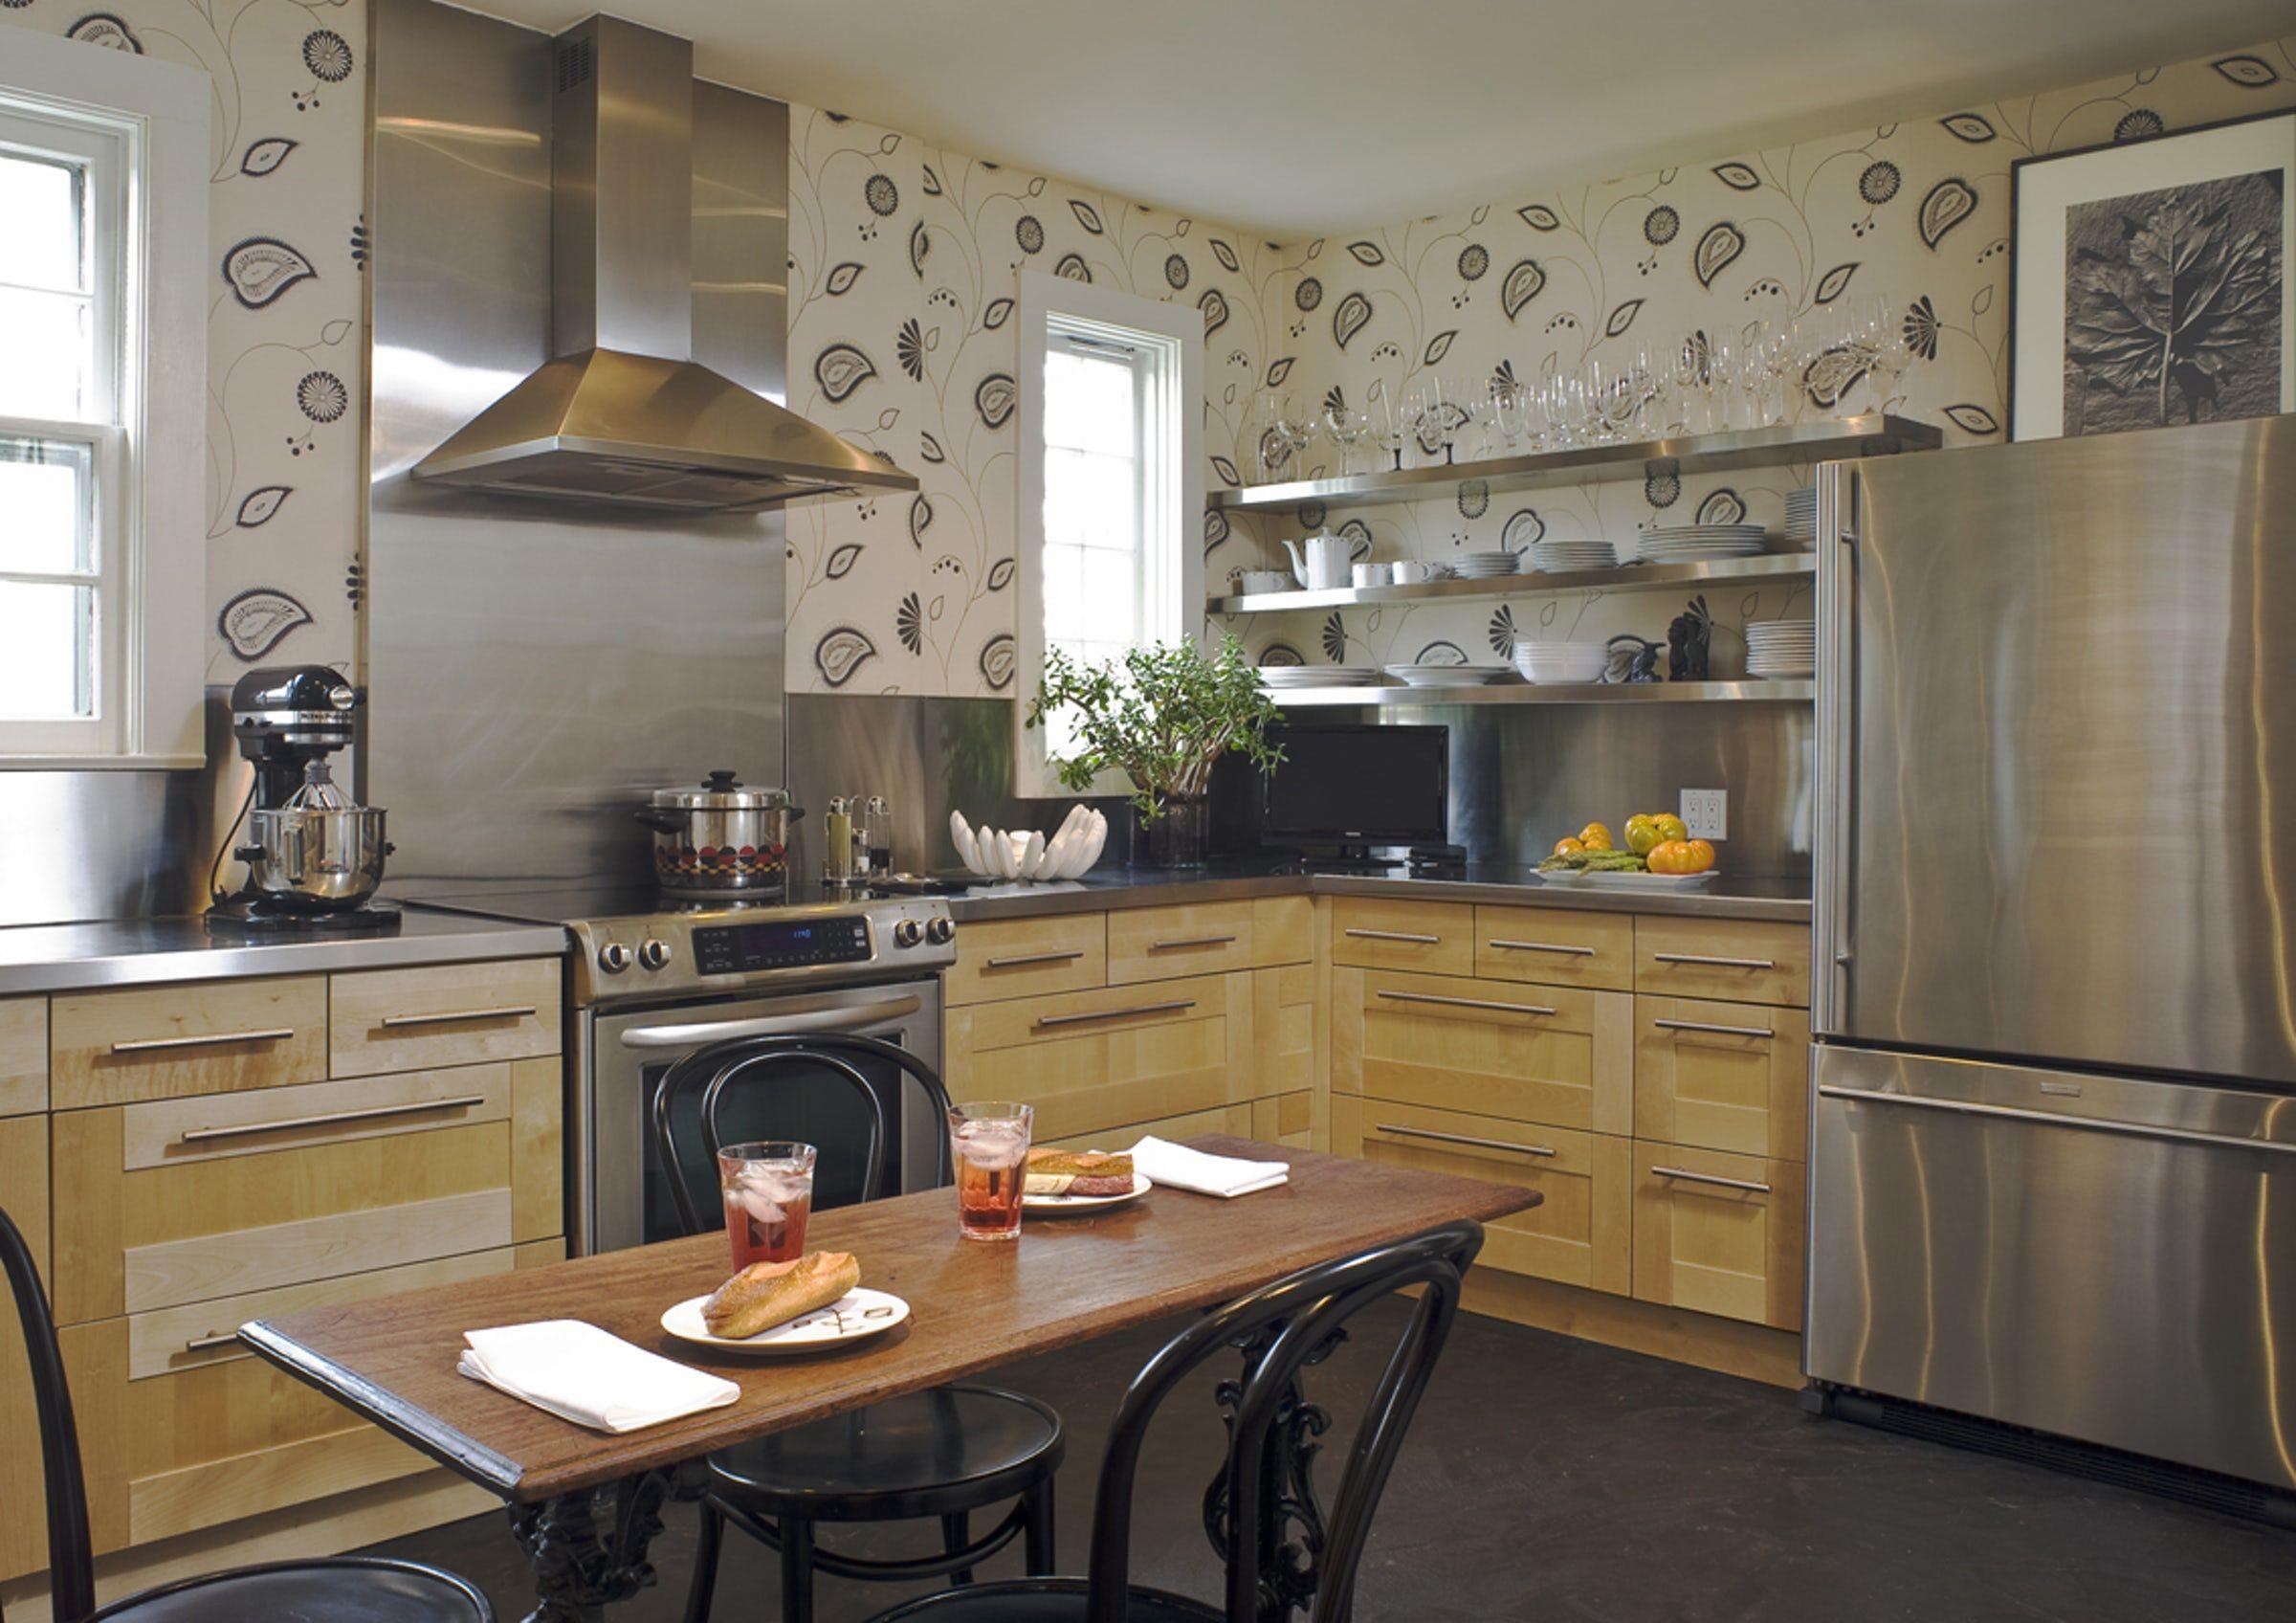 Free download Gorgeous Kitchen Wallpaper Ideas Best ...